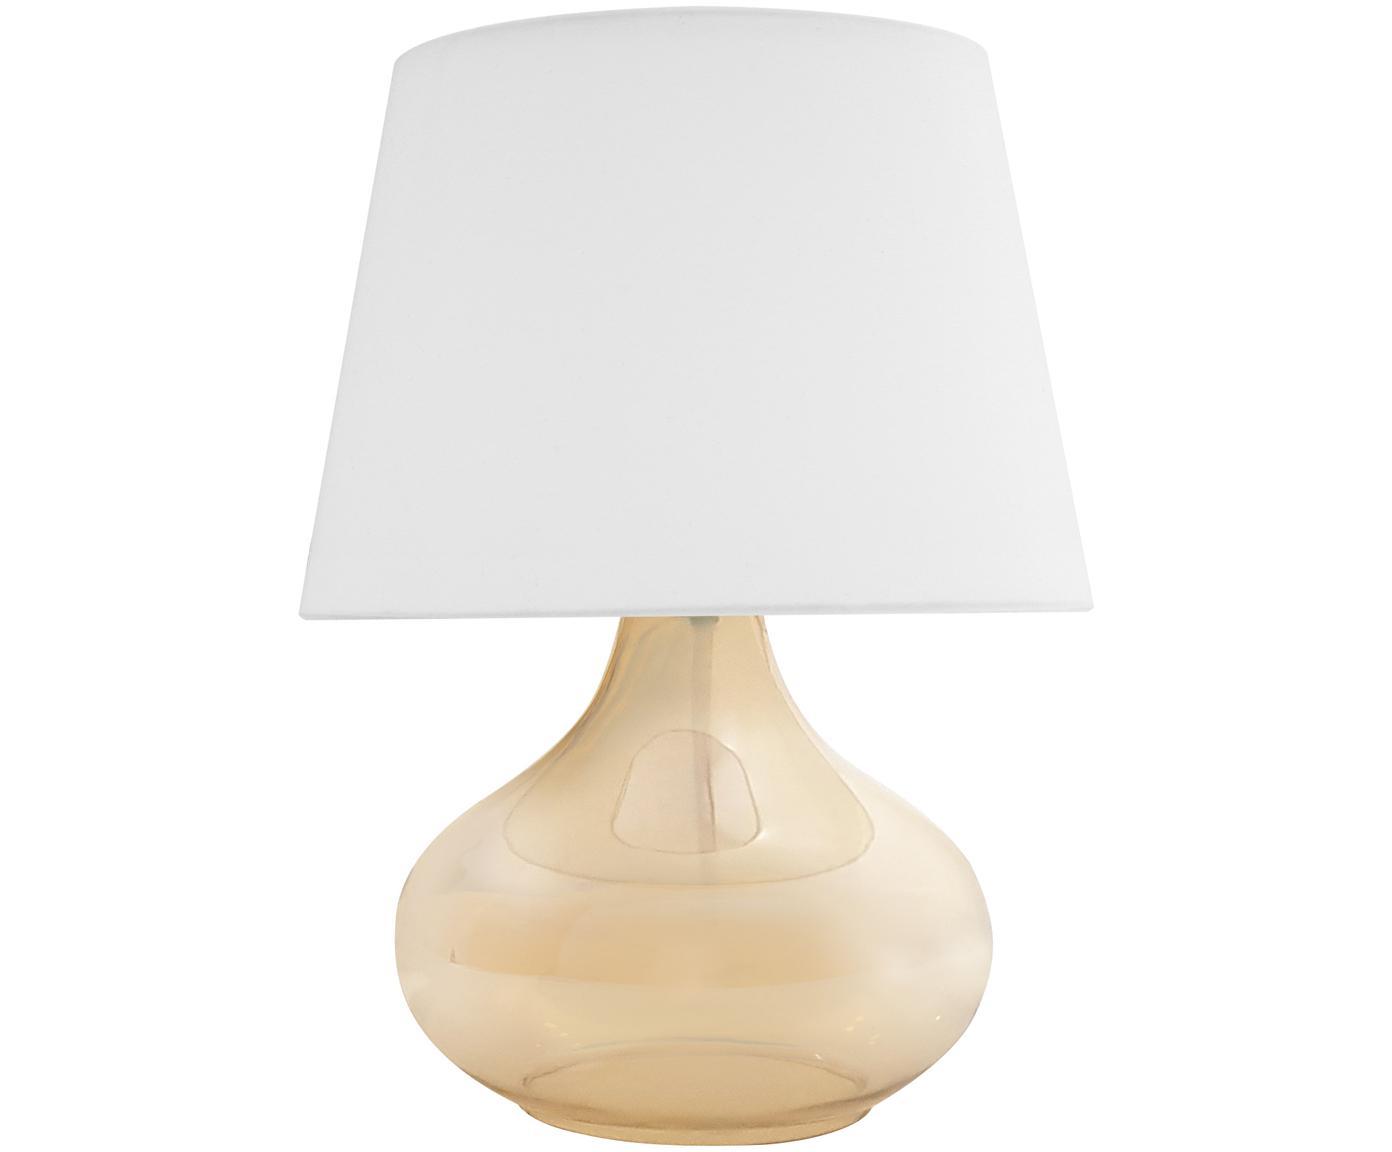 Tafellamp Cameron, Lampenkap: polyester, Lampvoet: glas, Wit, amberkleurig, Ø 18 x H 33 cm